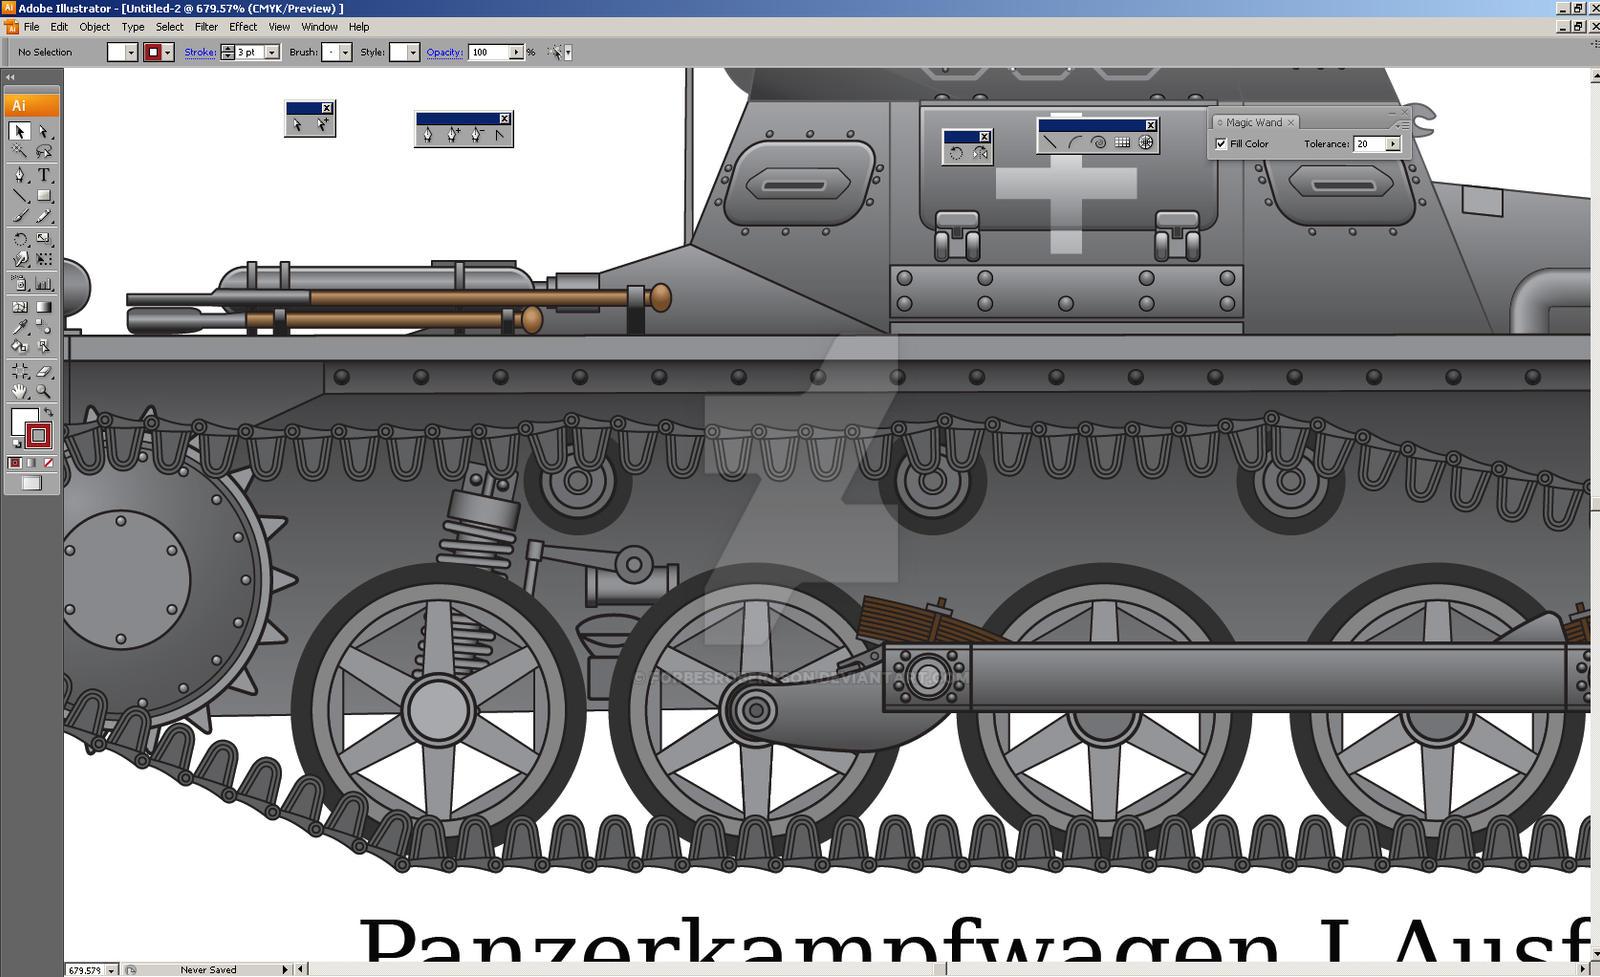 Panzerkampfwagen I Ausf. A closeup by forbesrobertson